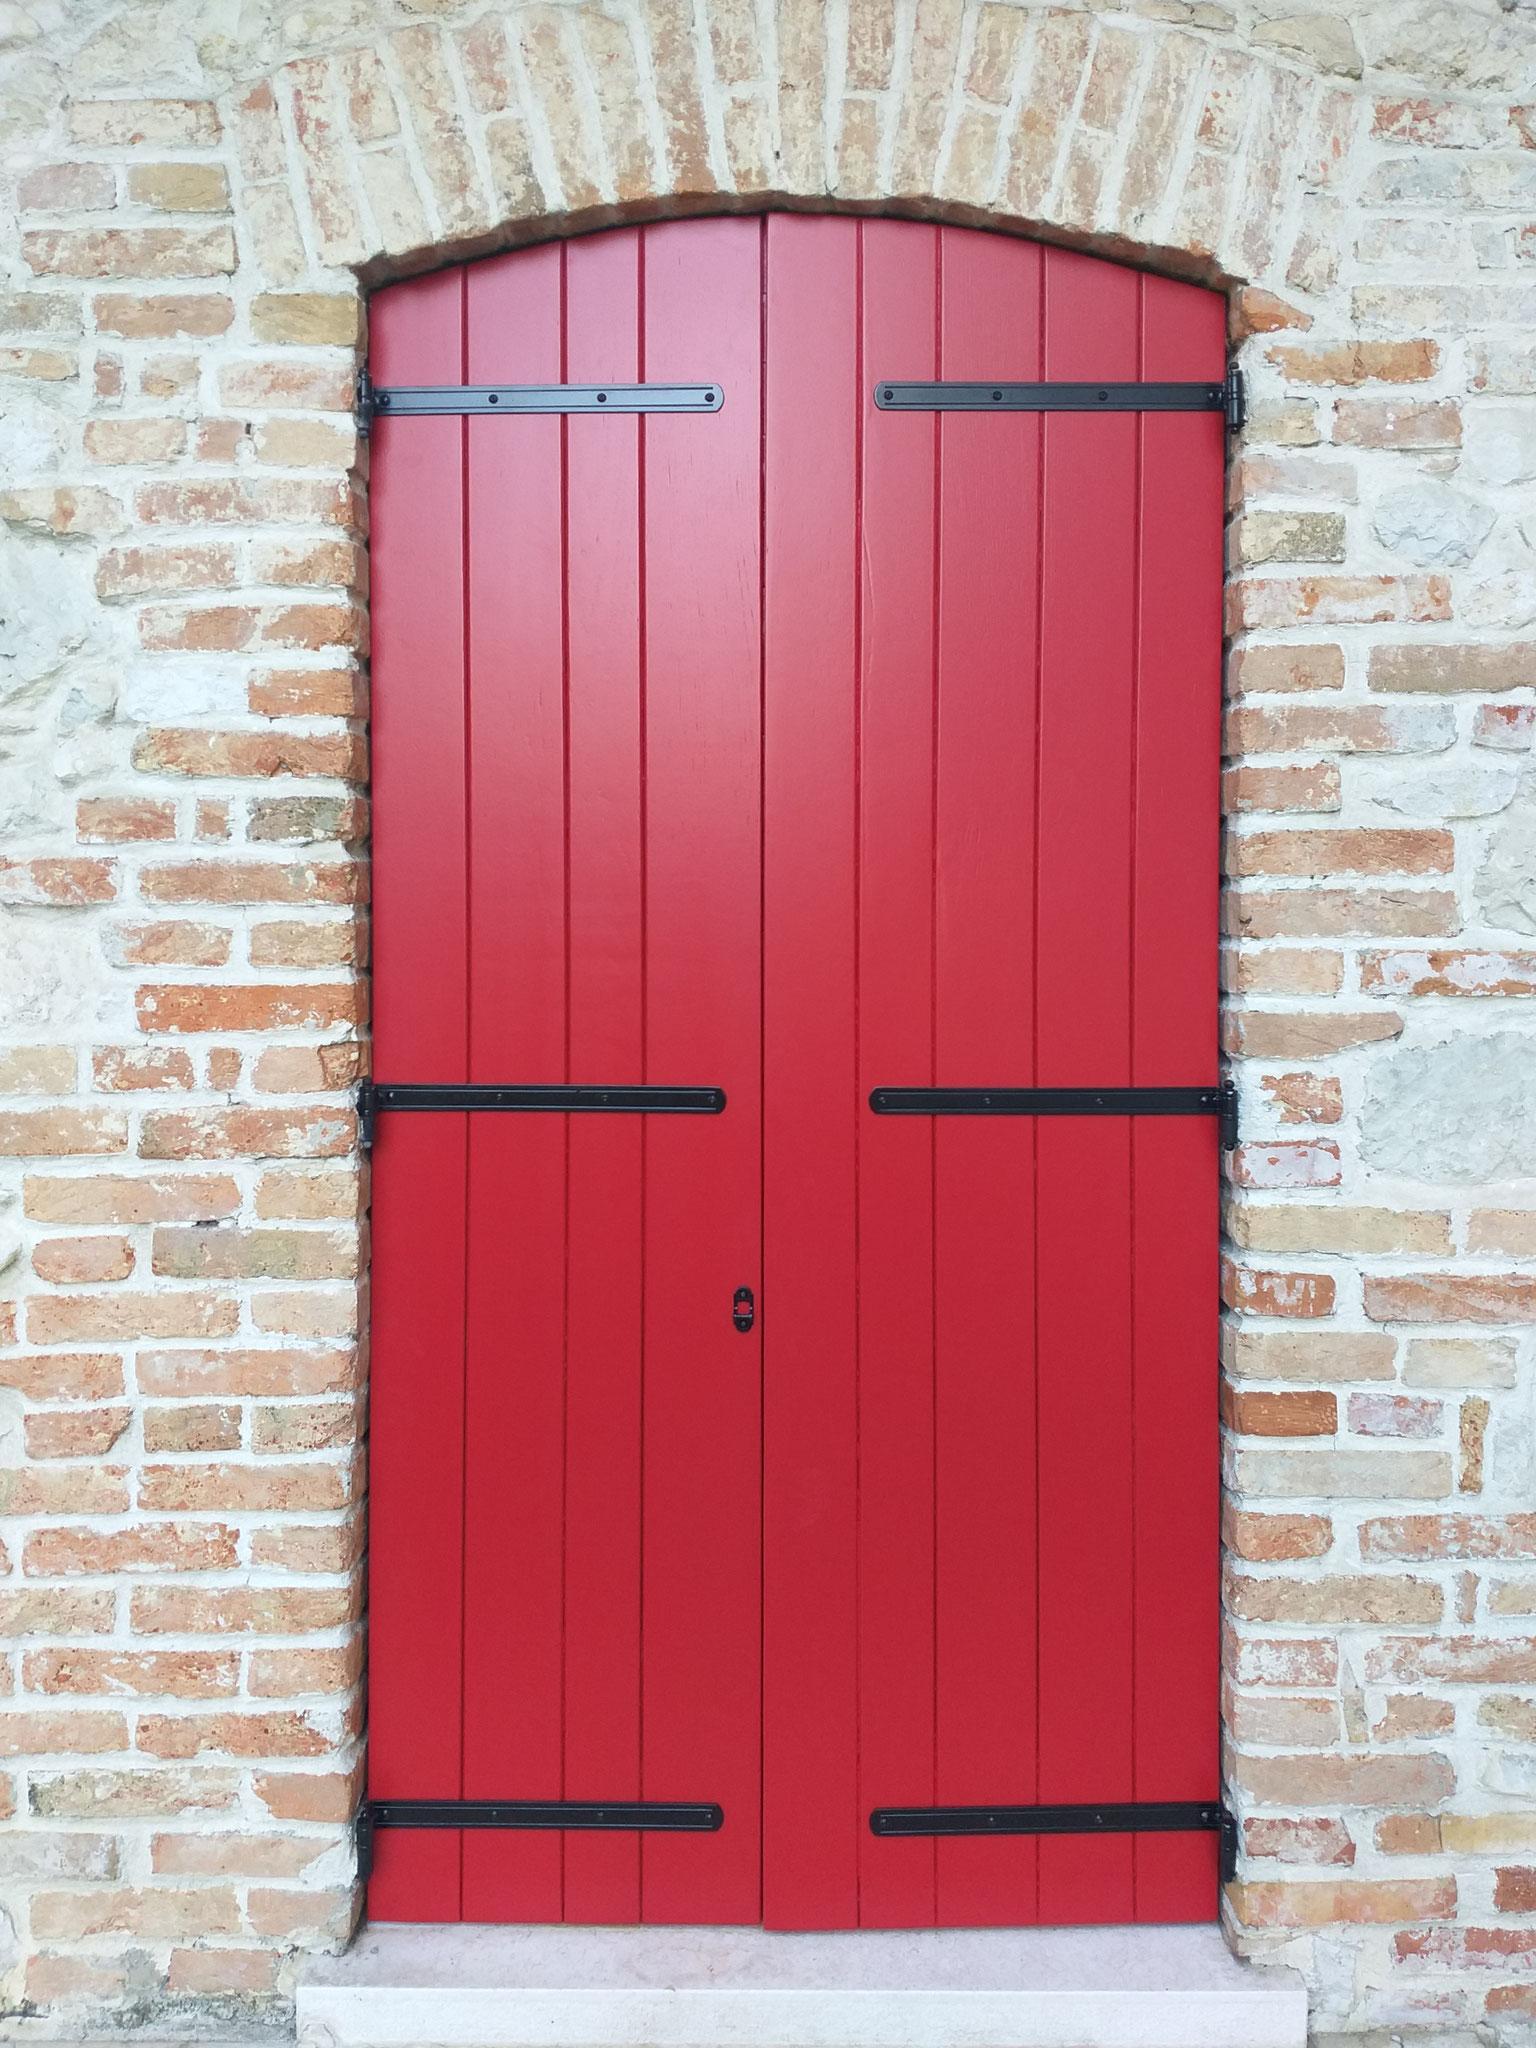 Scuro in legno restaurato e riverniciato con verniciatura rossa Ral 3001